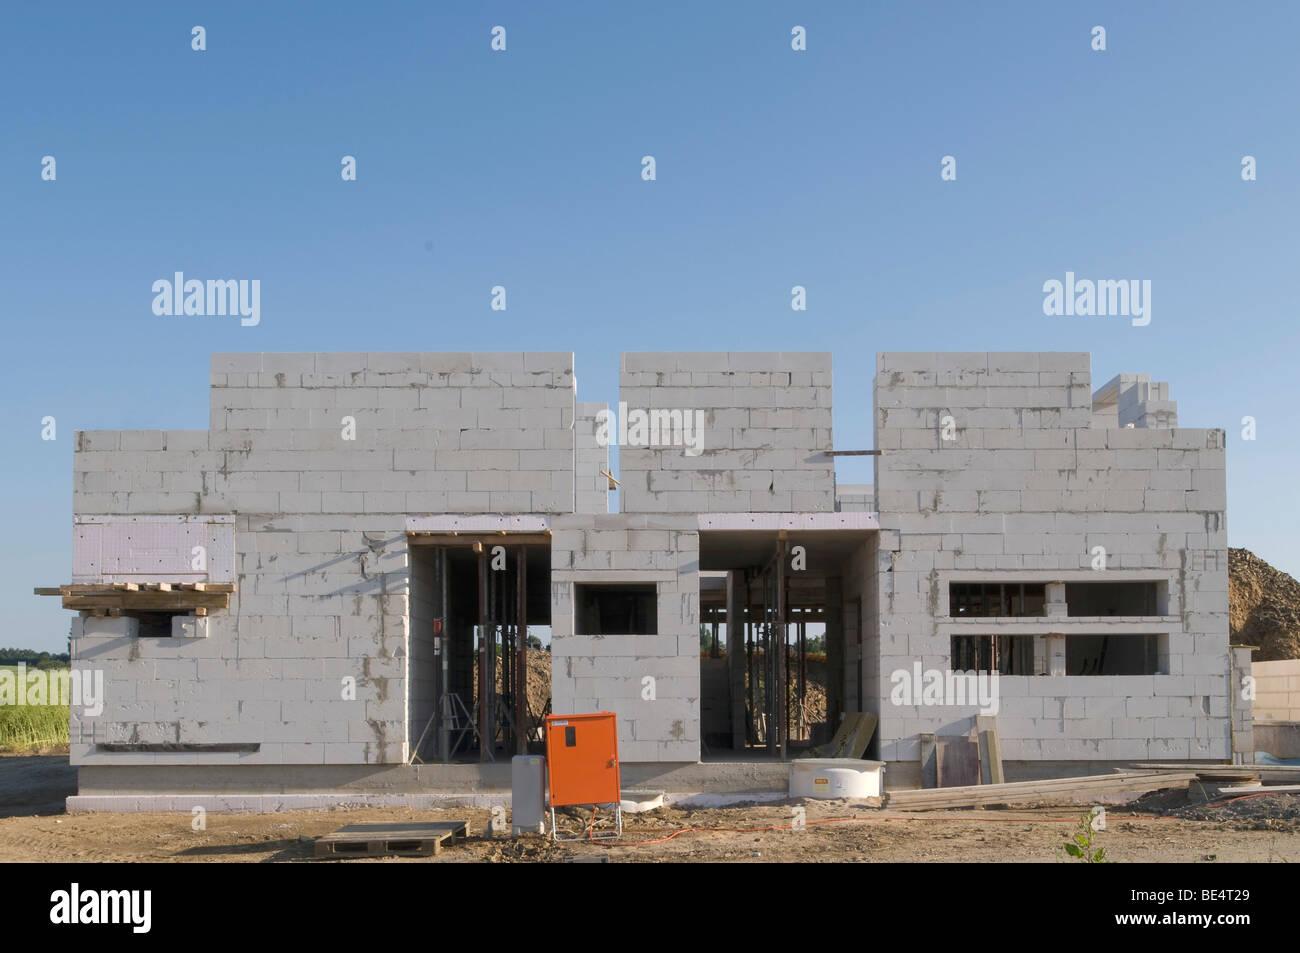 Rohbau, Baustelle, Wohngebäude mit Tragsäulen für die Erdgeschoss Bodenplatte Stockbild